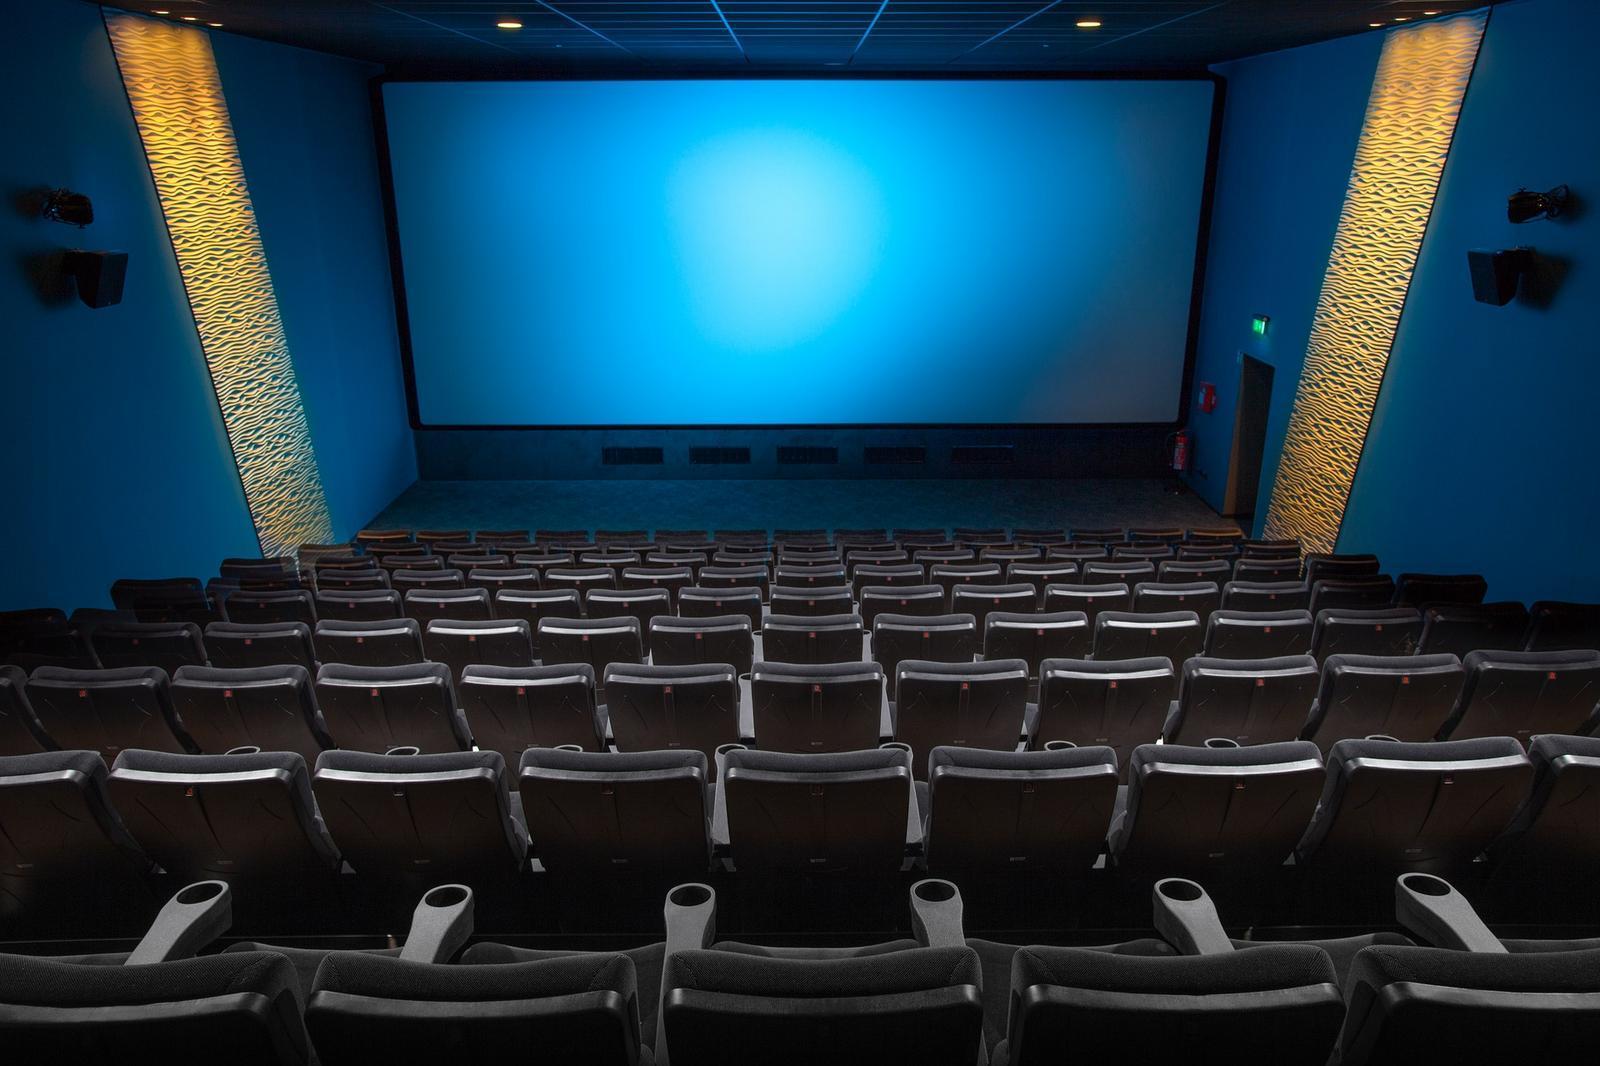 火大!看電影最討厭遇到的五種「瘋狂」行為 。(圖/pixabay)